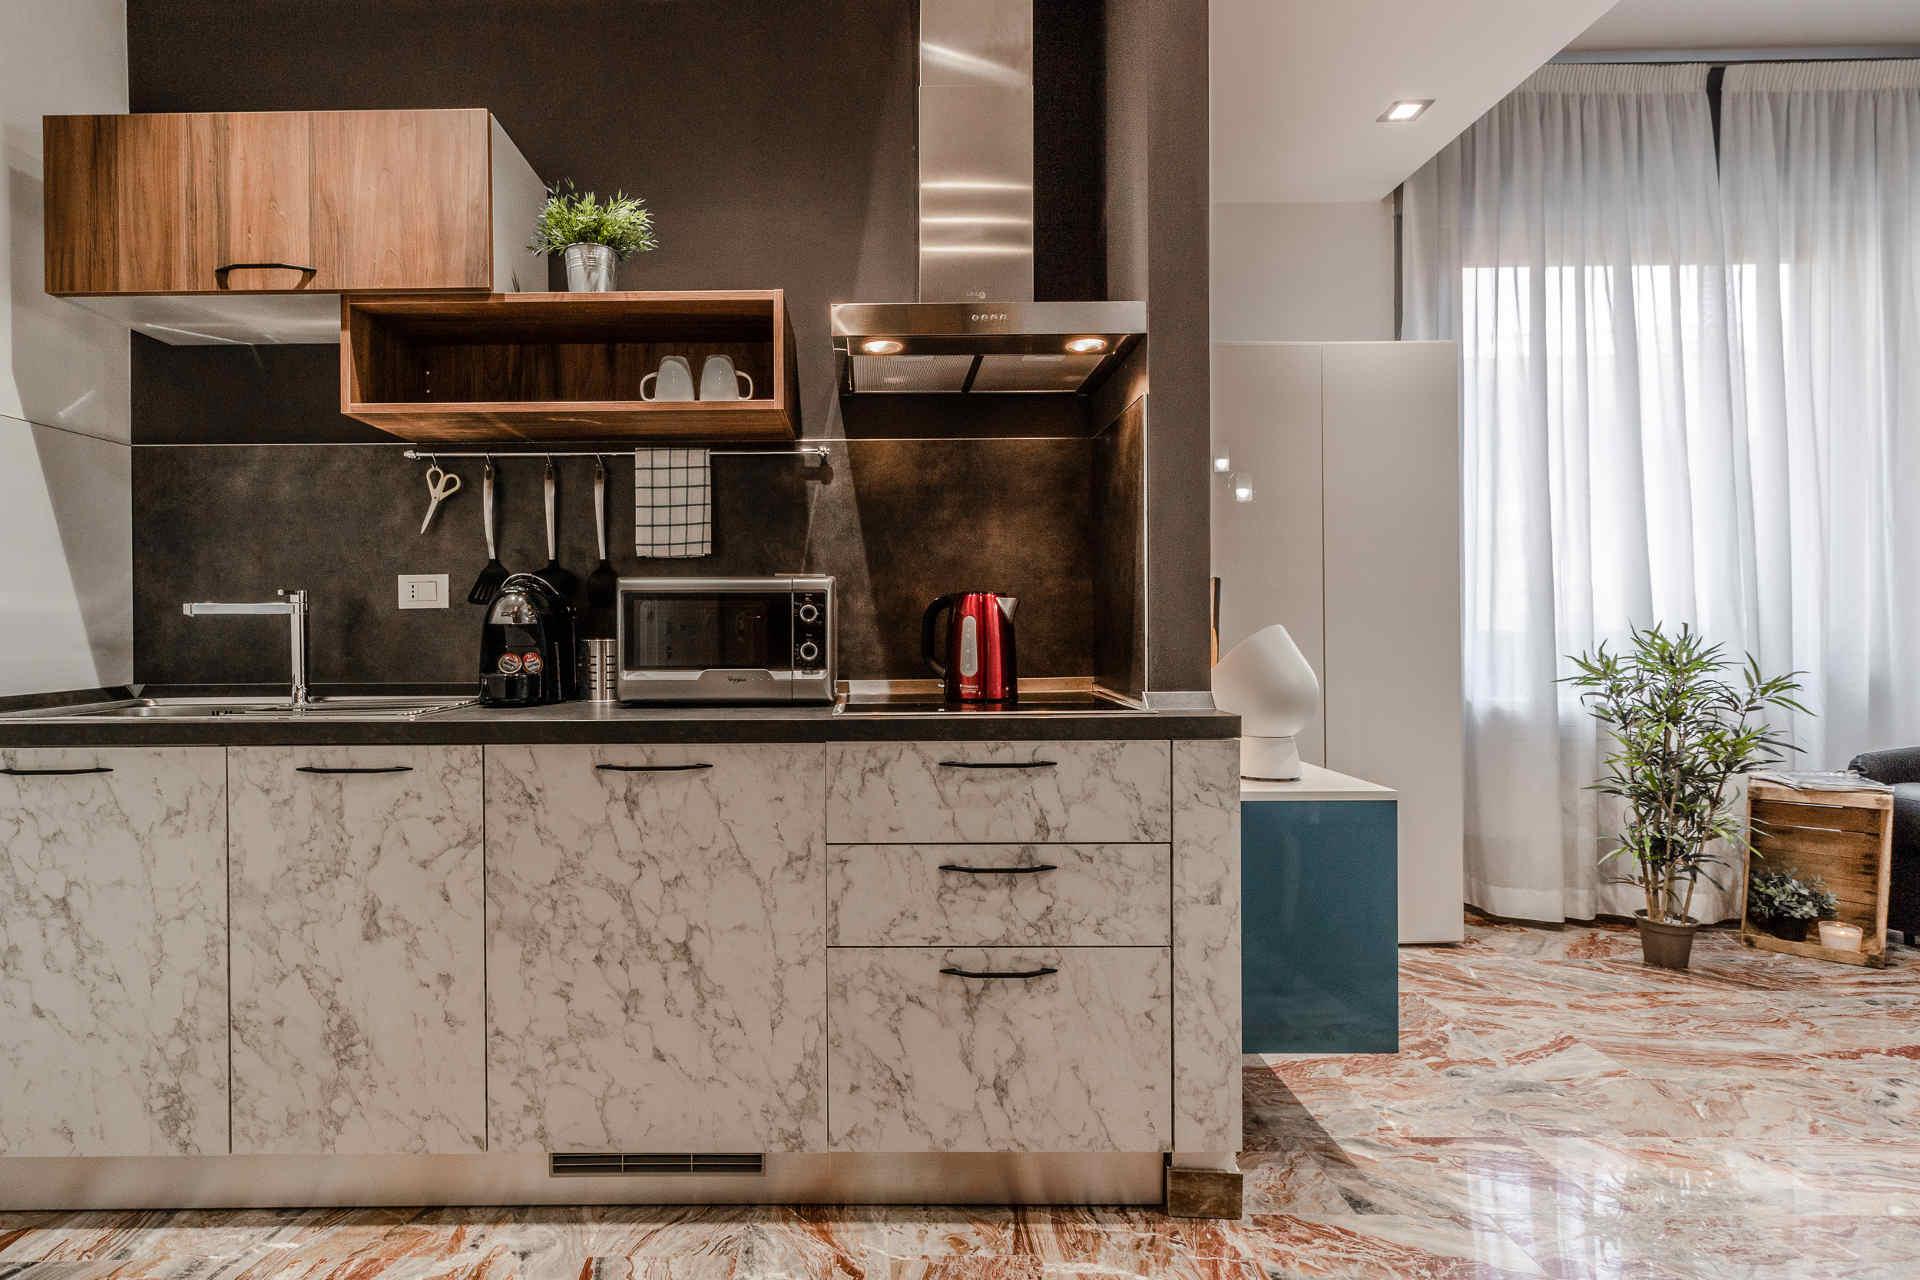 Case e Appartamenti Vacanze| Ugo Bassi Apartments